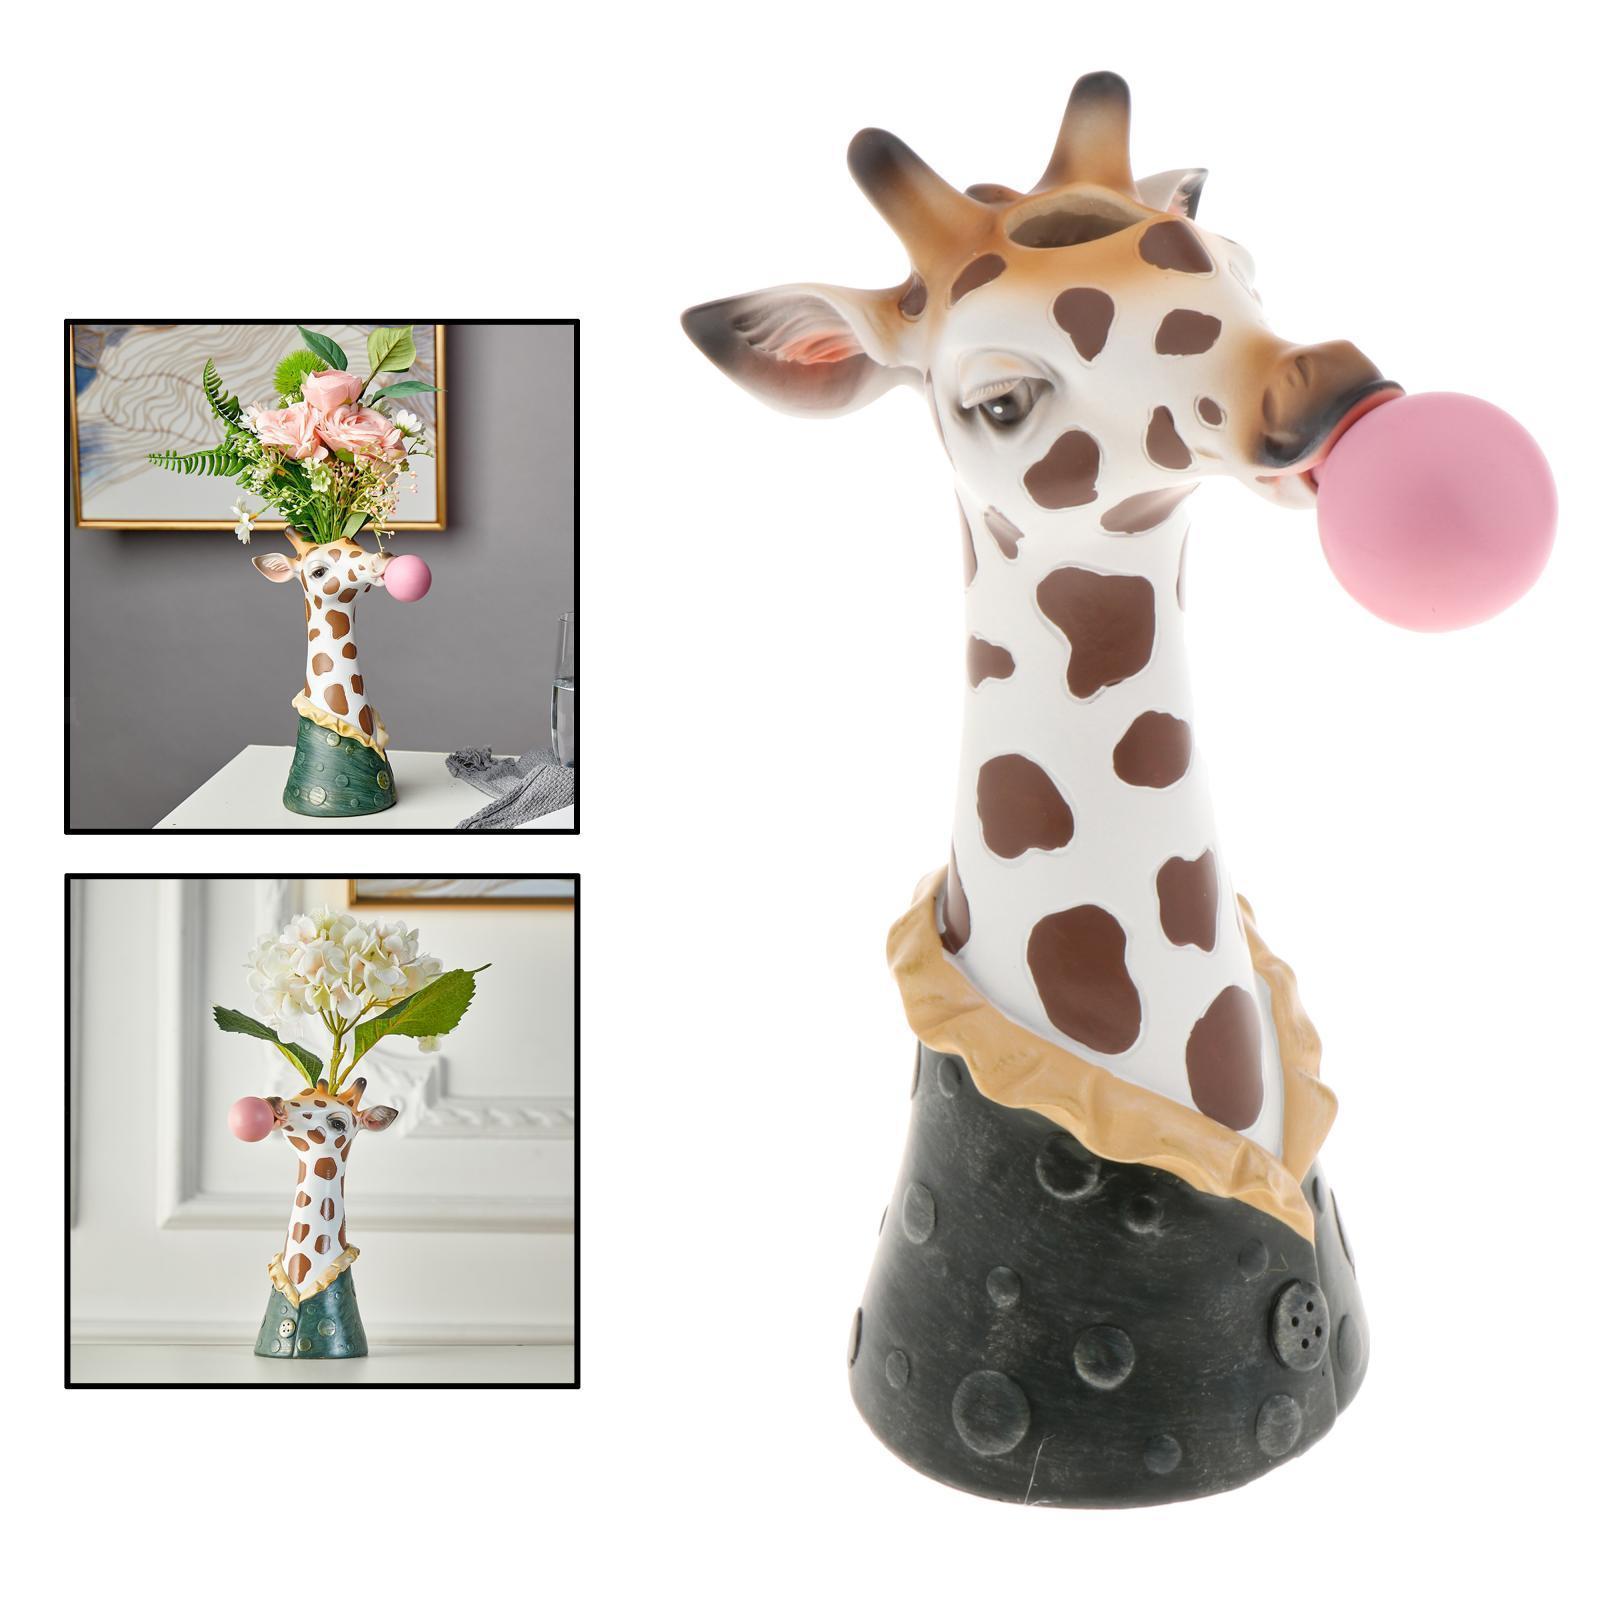 Thinking Girl Flower Vase Planter Pot Resin Desktop